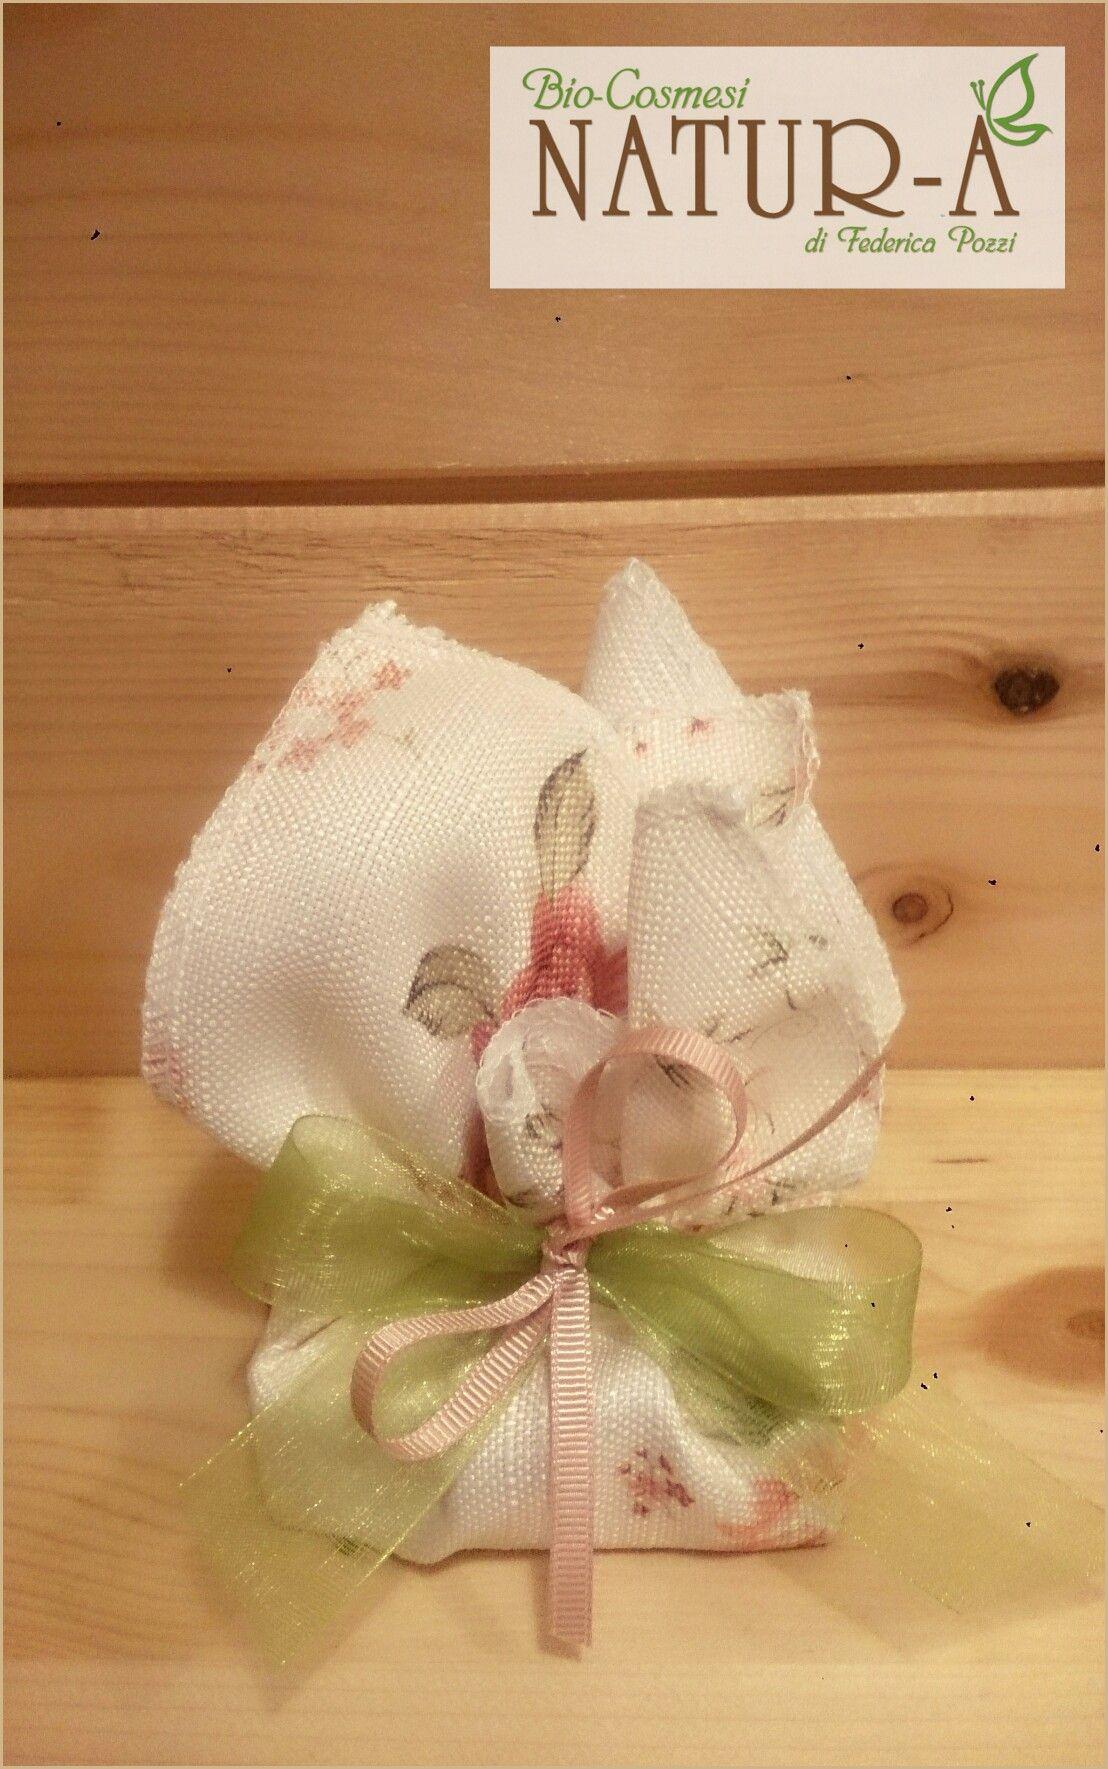 Sacchetto bomboniera con tirante rosa a fiori 💐🌹 fiocco rosa e verde organza 🎀❤